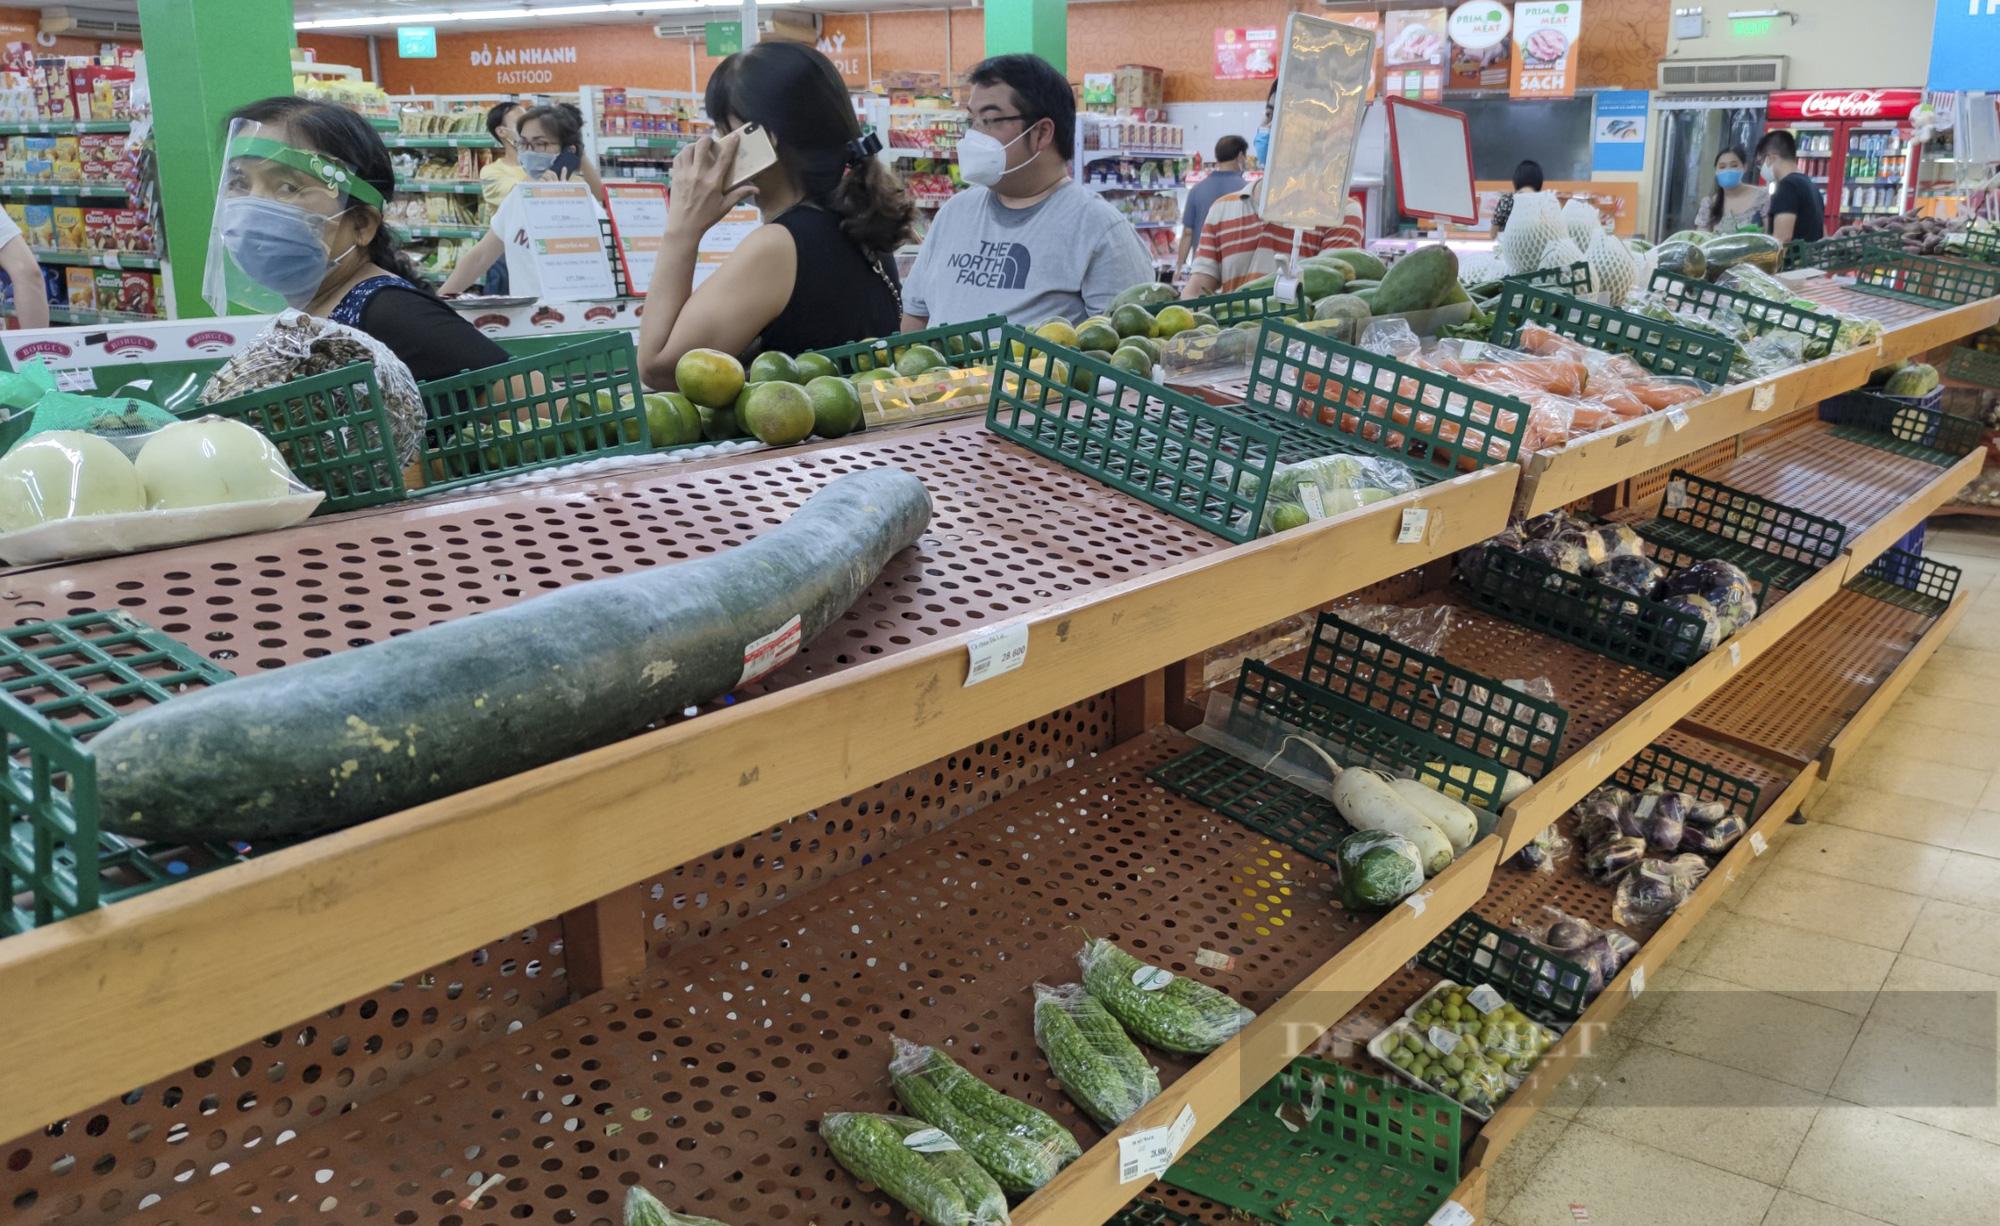 Người dân Hà Nội đổ xô đi mua thực phẩm dự trữ - Ảnh 6.